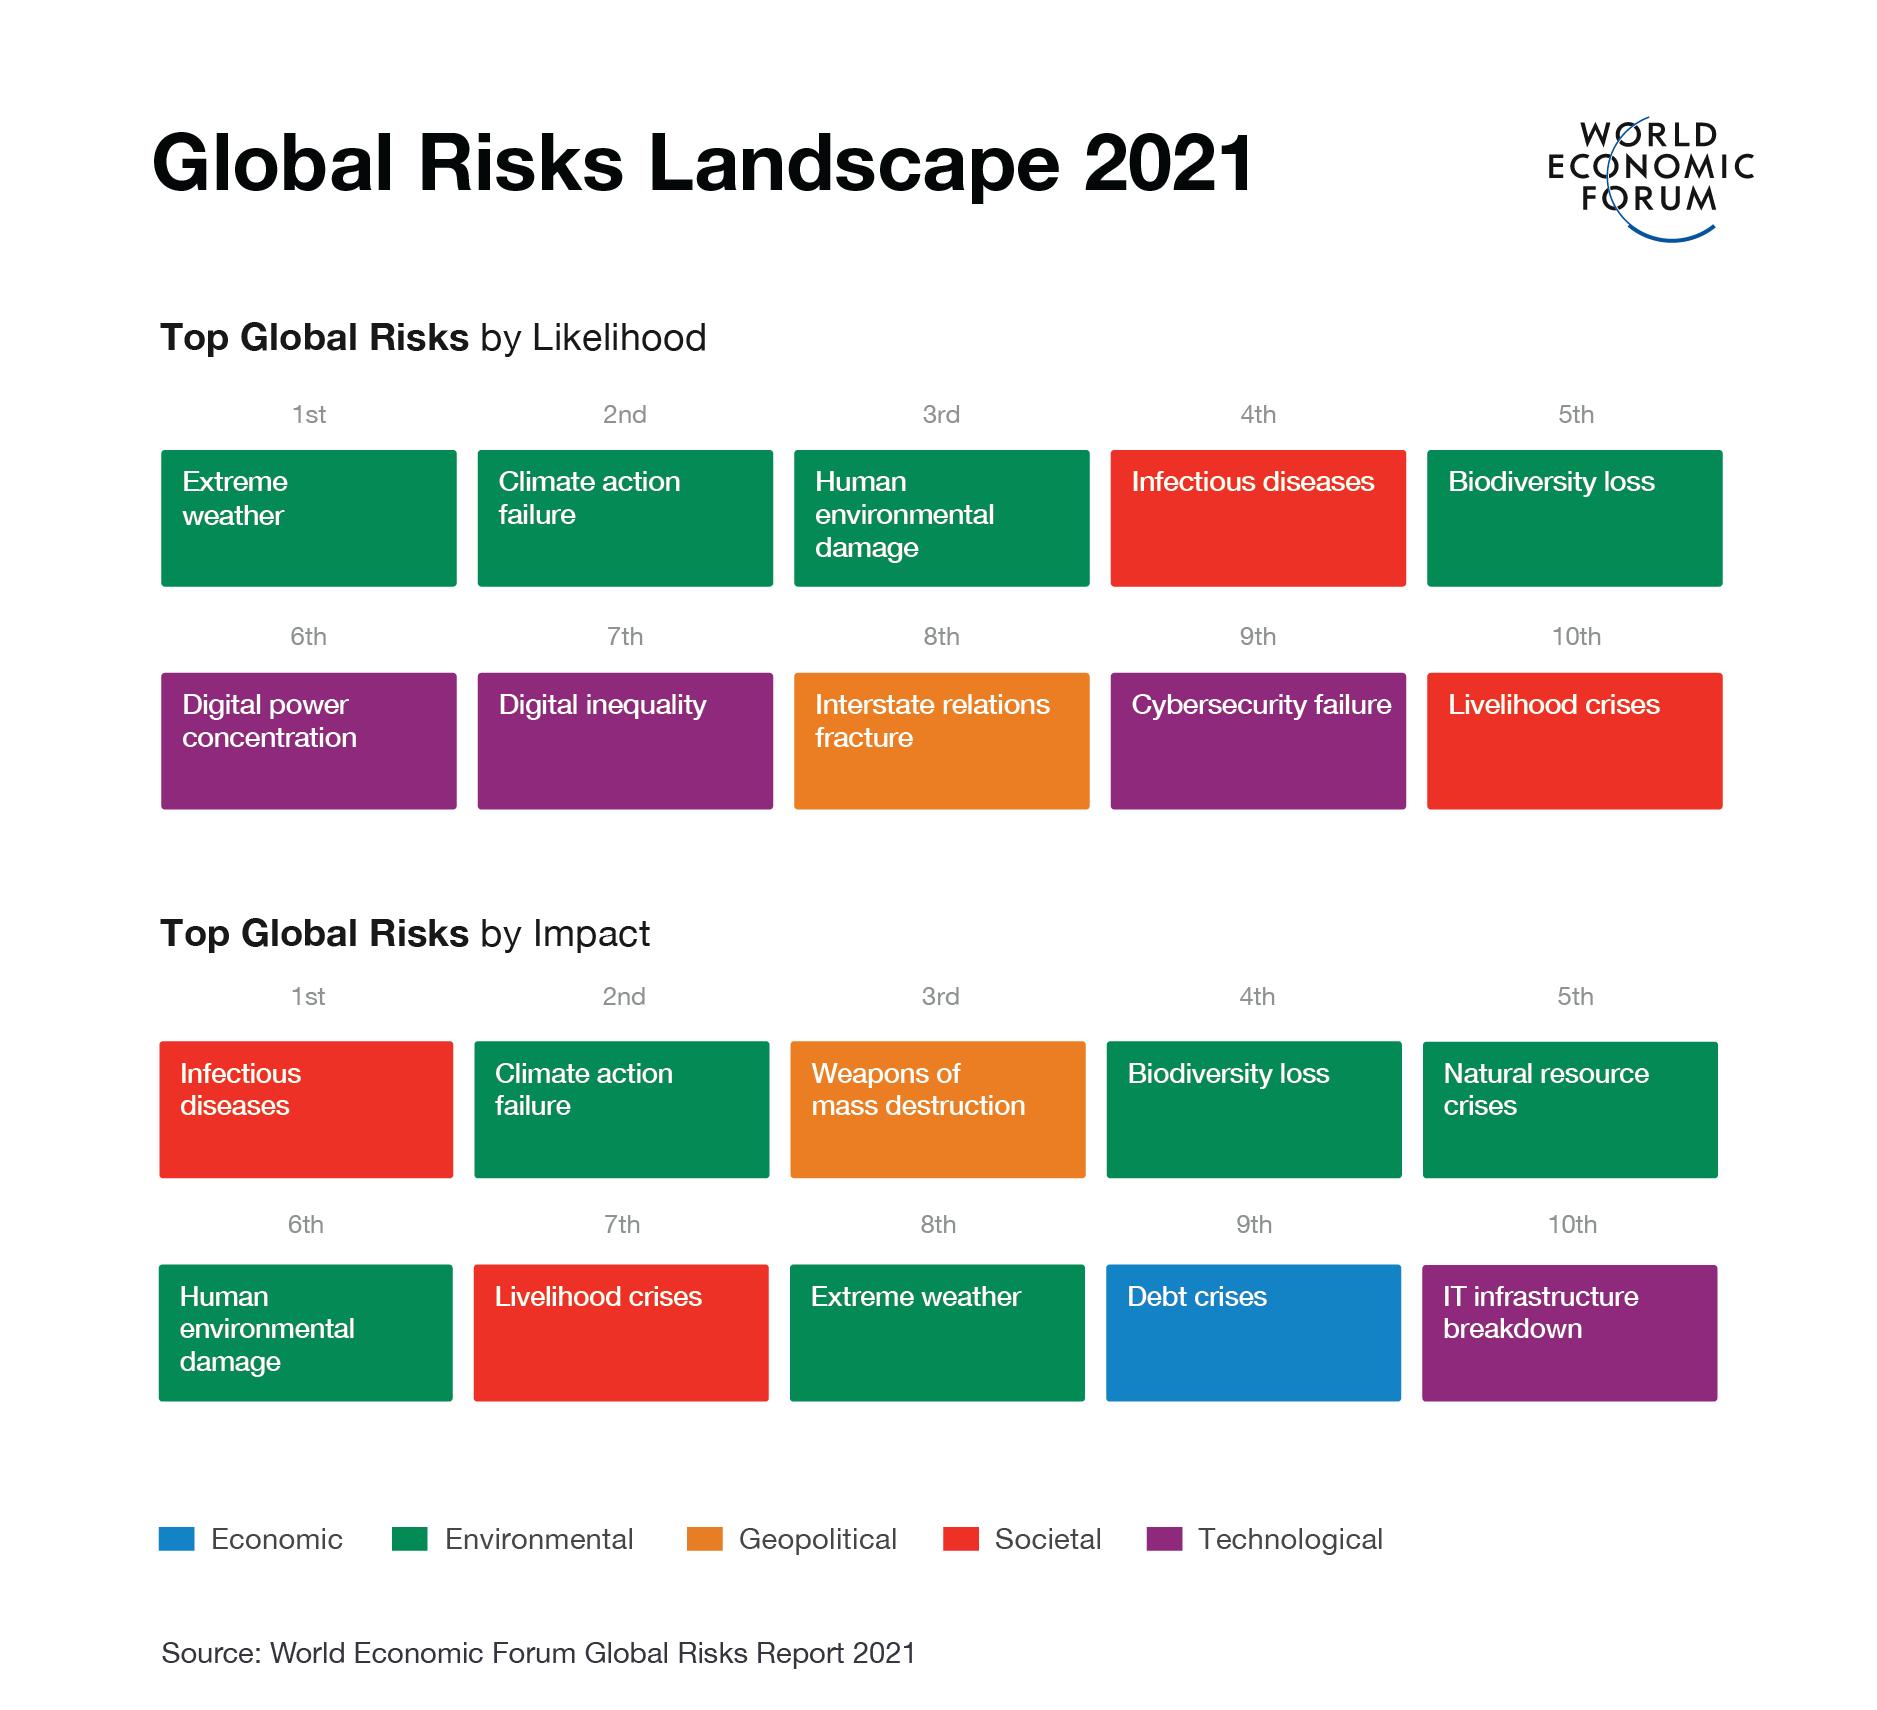 Global Risks Landscape - 2021